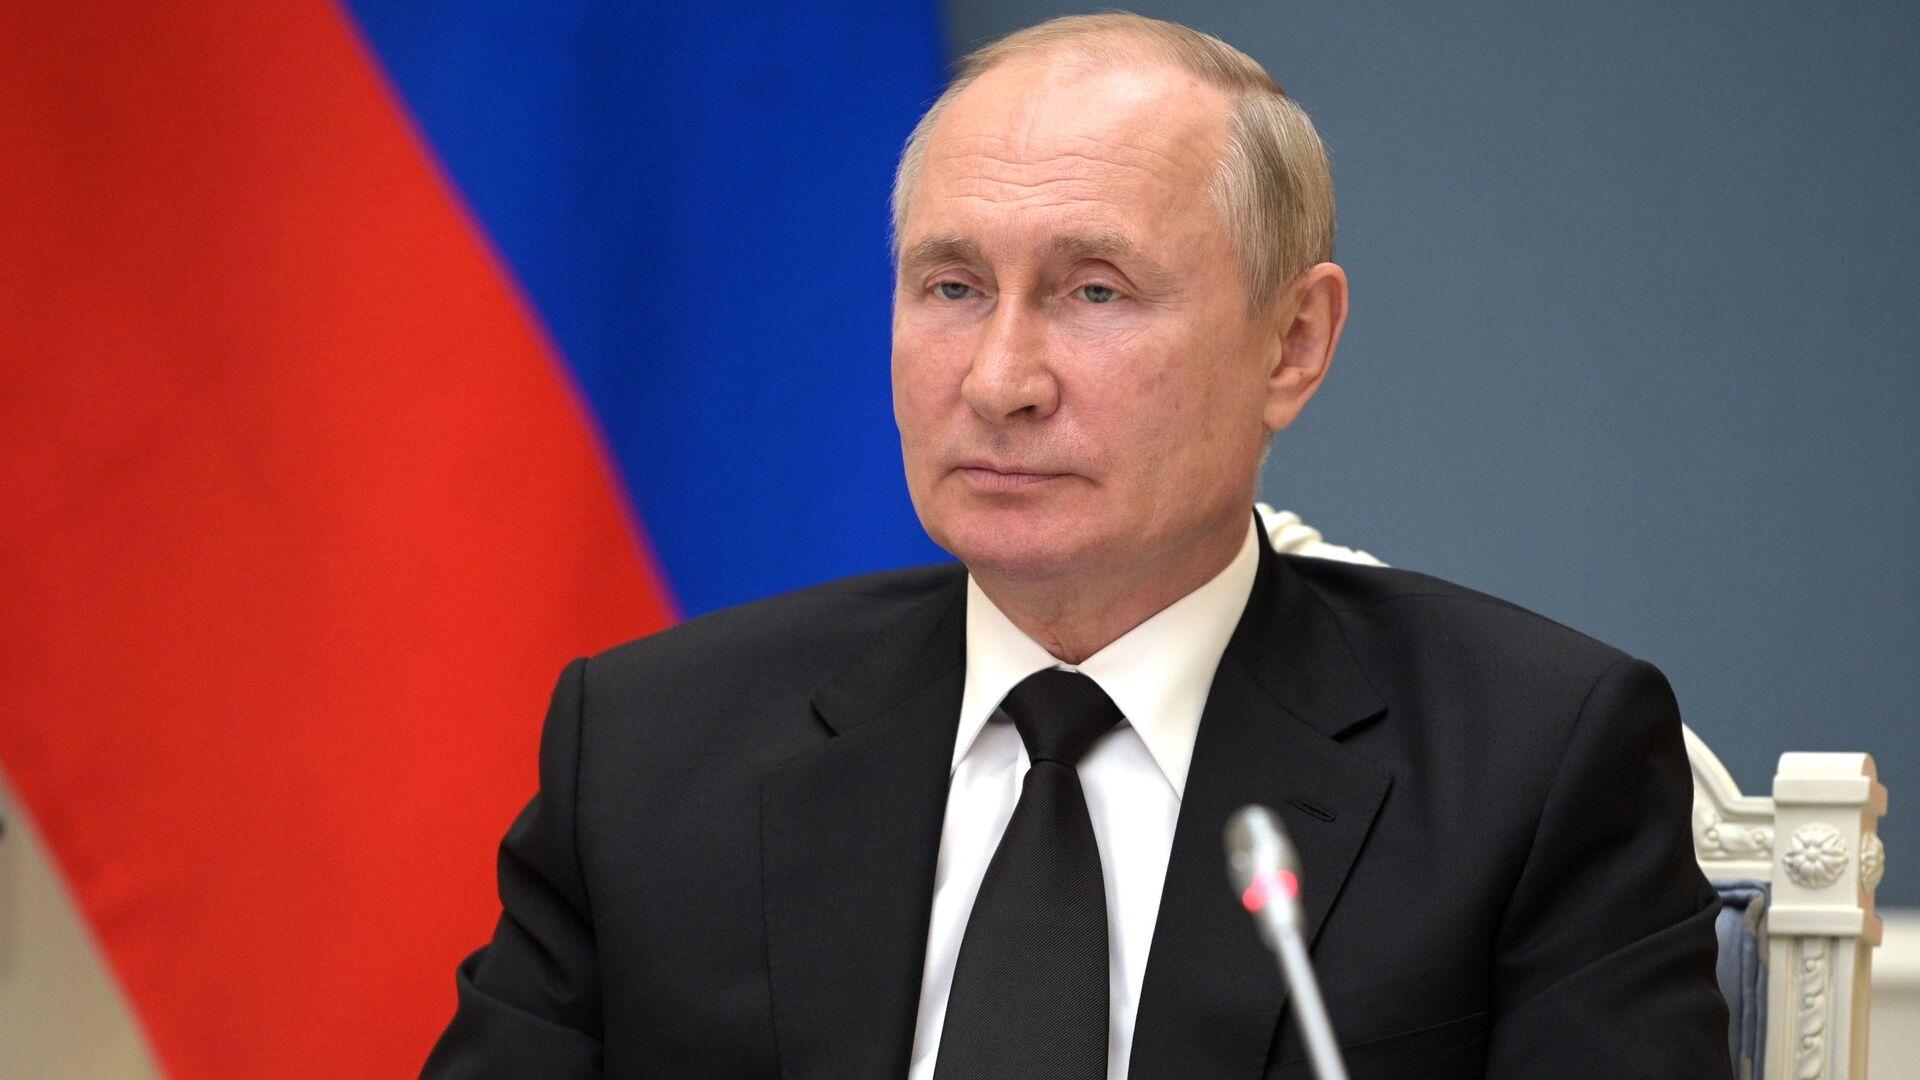 Tổng thống Nga Vladimir Putin tham dự Hội nghị thượng đỉnh BRICS lần thứ XIII (ngày 9 tháng 9 năm 2021) - Sputnik Việt Nam, 1920, 10.09.2021